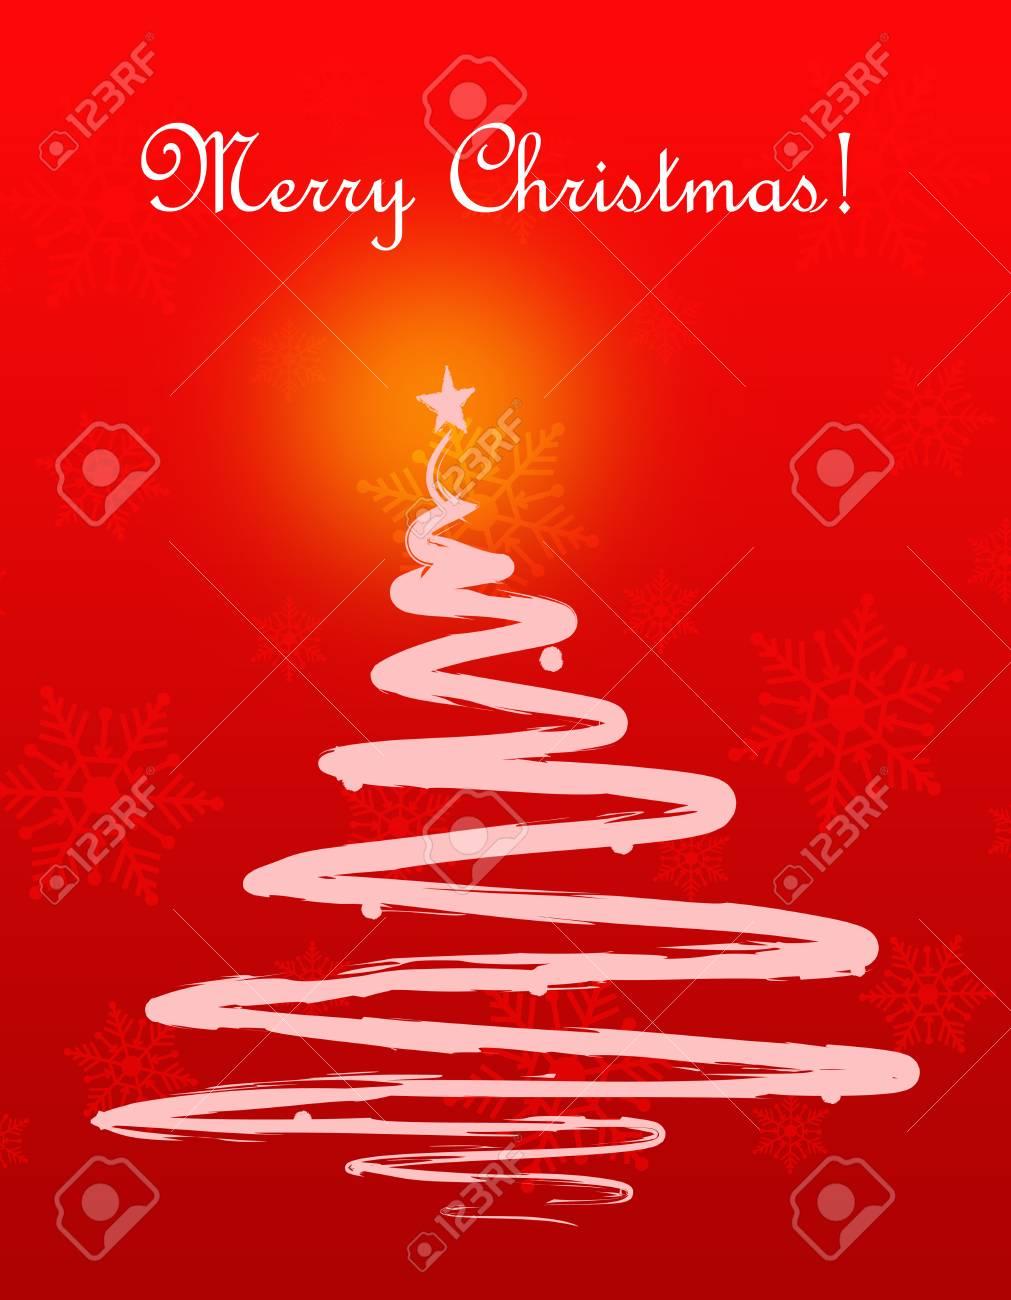 Cartoline Di Auguri Di Natale.Immagini Stock Cartolina D Auguri Di Buon Natale Con La Siluetta